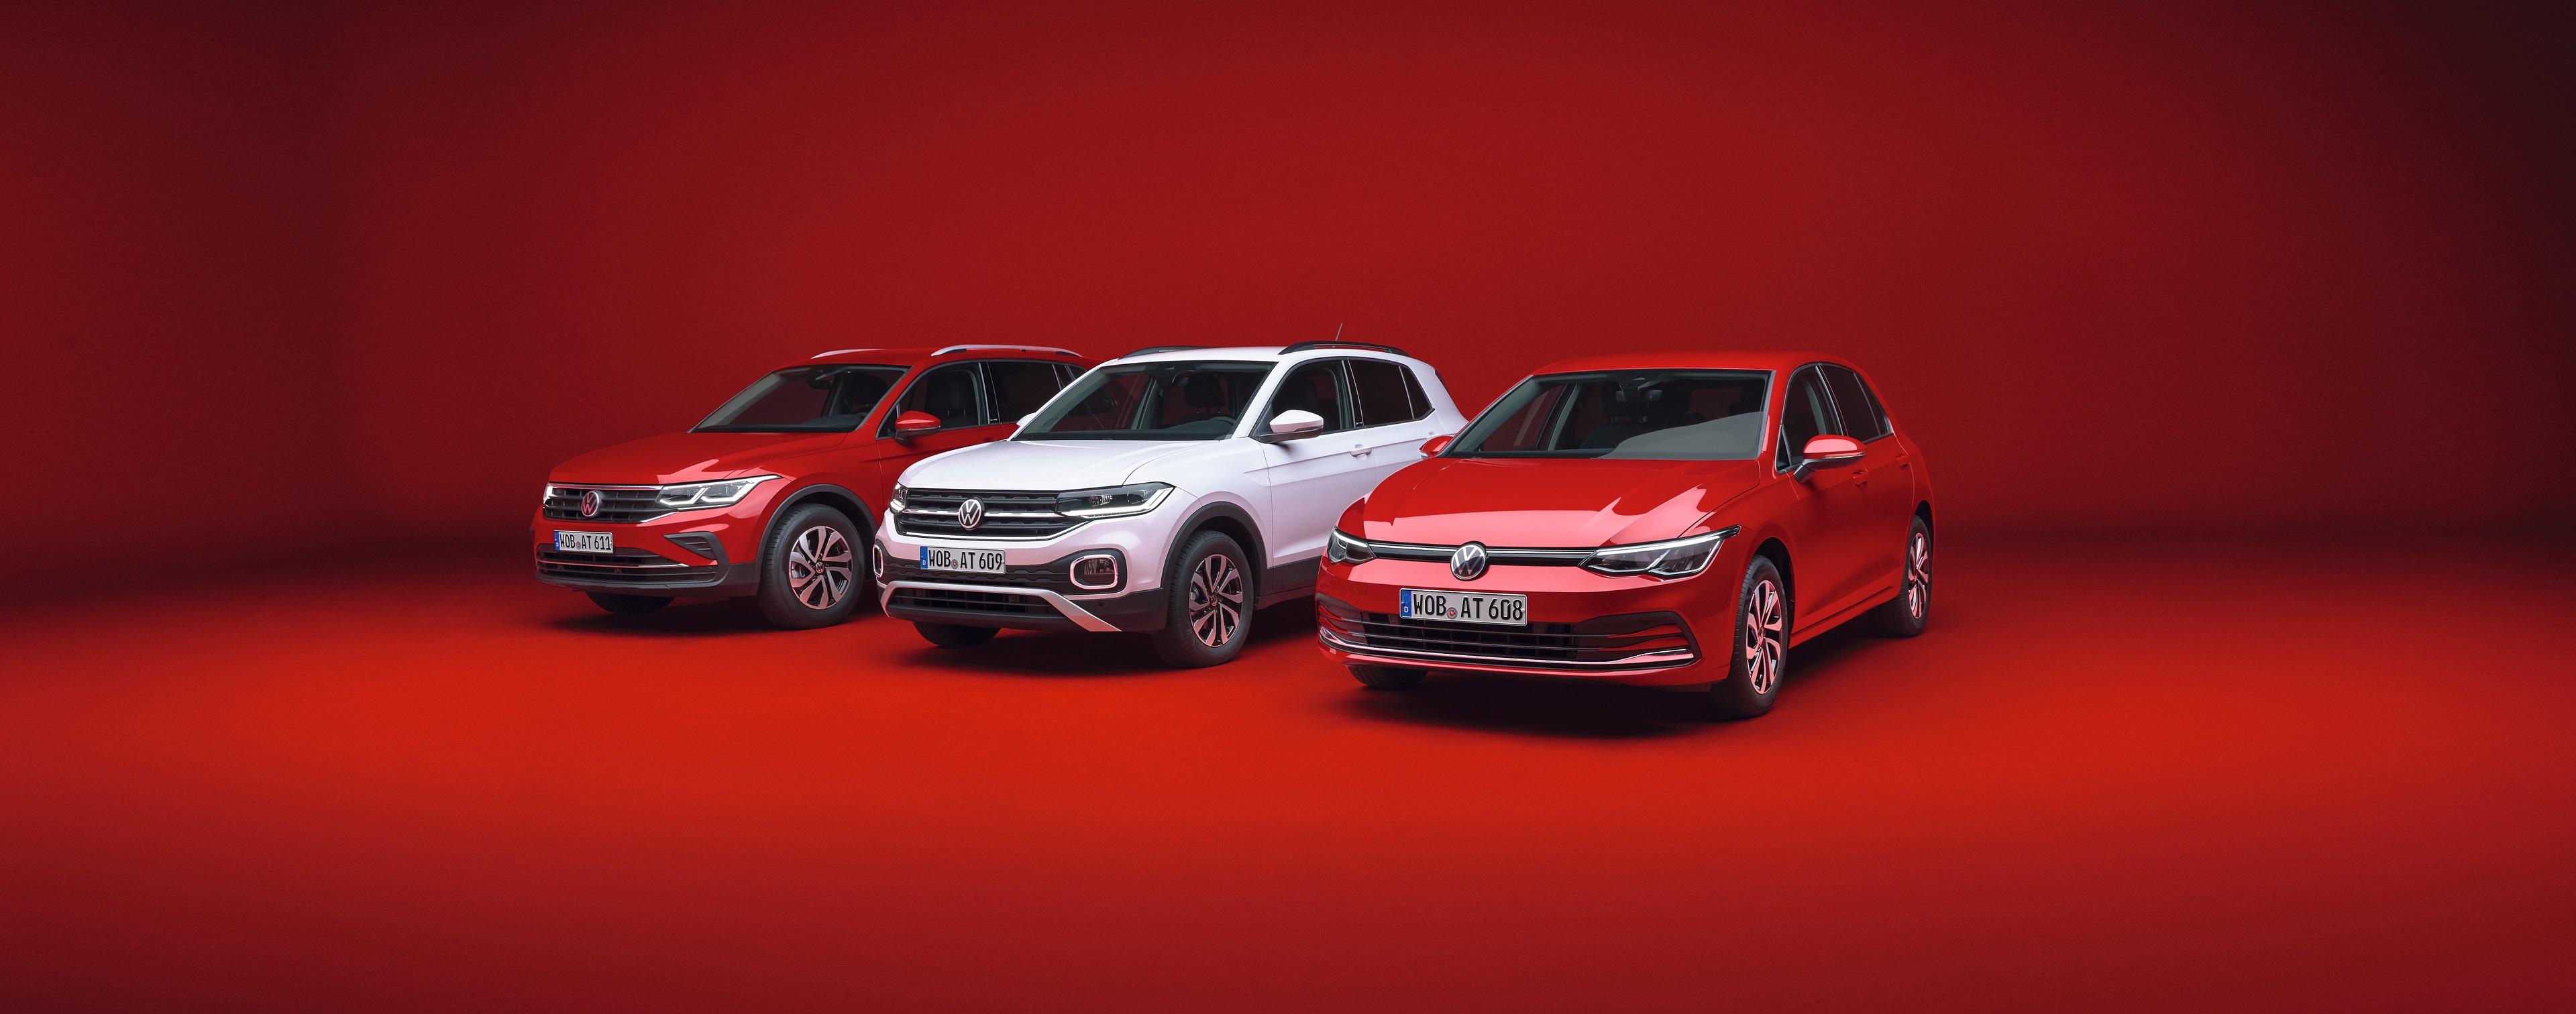 VW ACTIVE Sondermodelle inkl. #gönnteuchwas-Paket